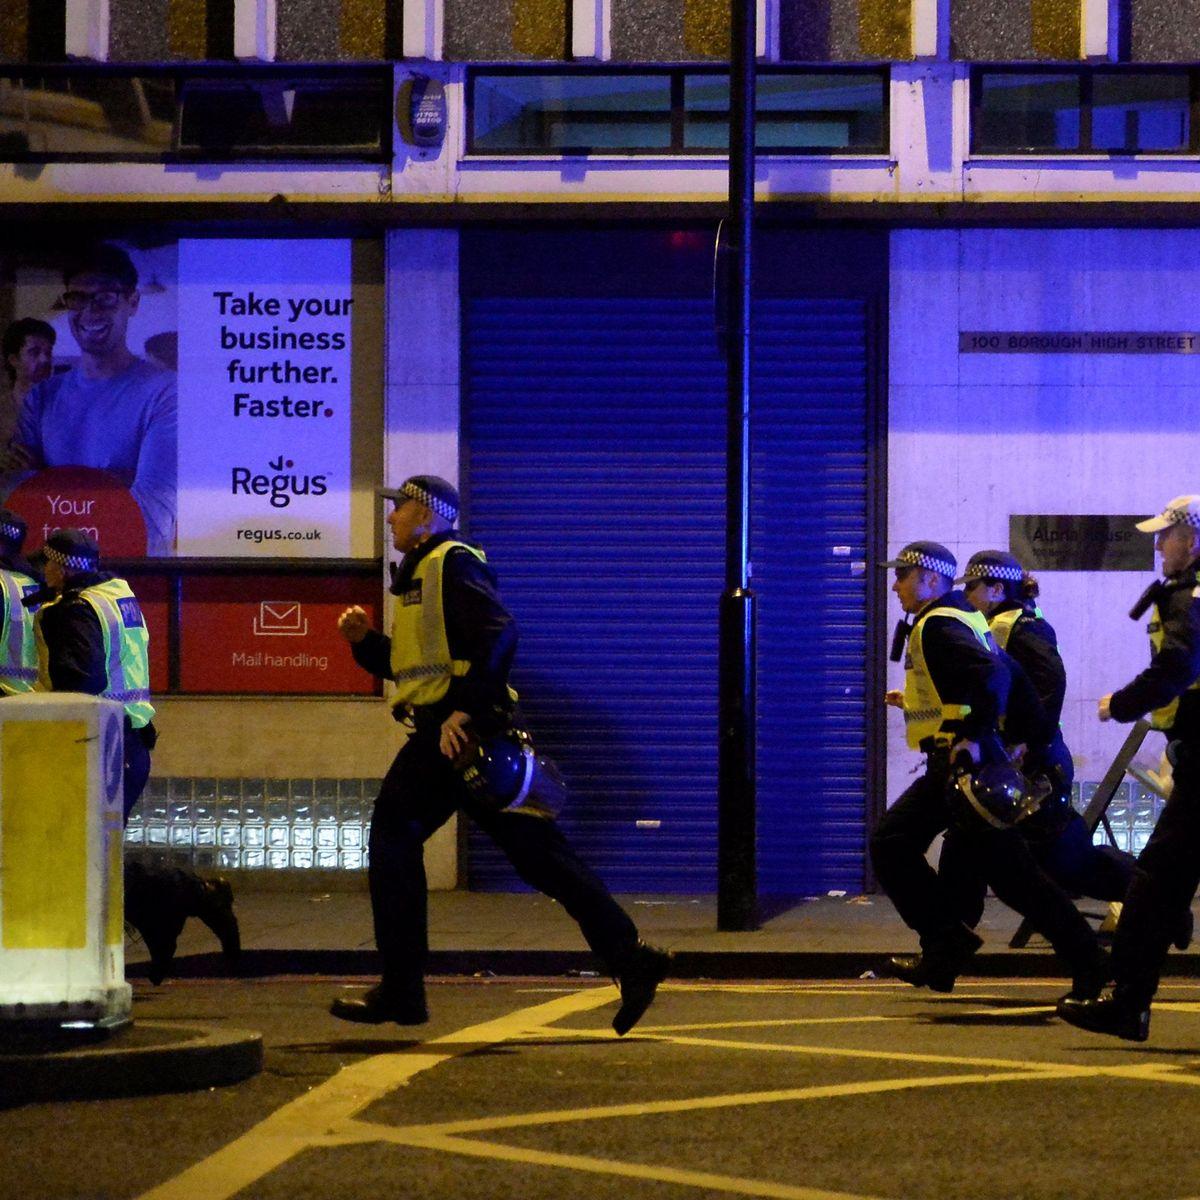 London: Warum trugen die Täter Sprengstoff-Attrappen?